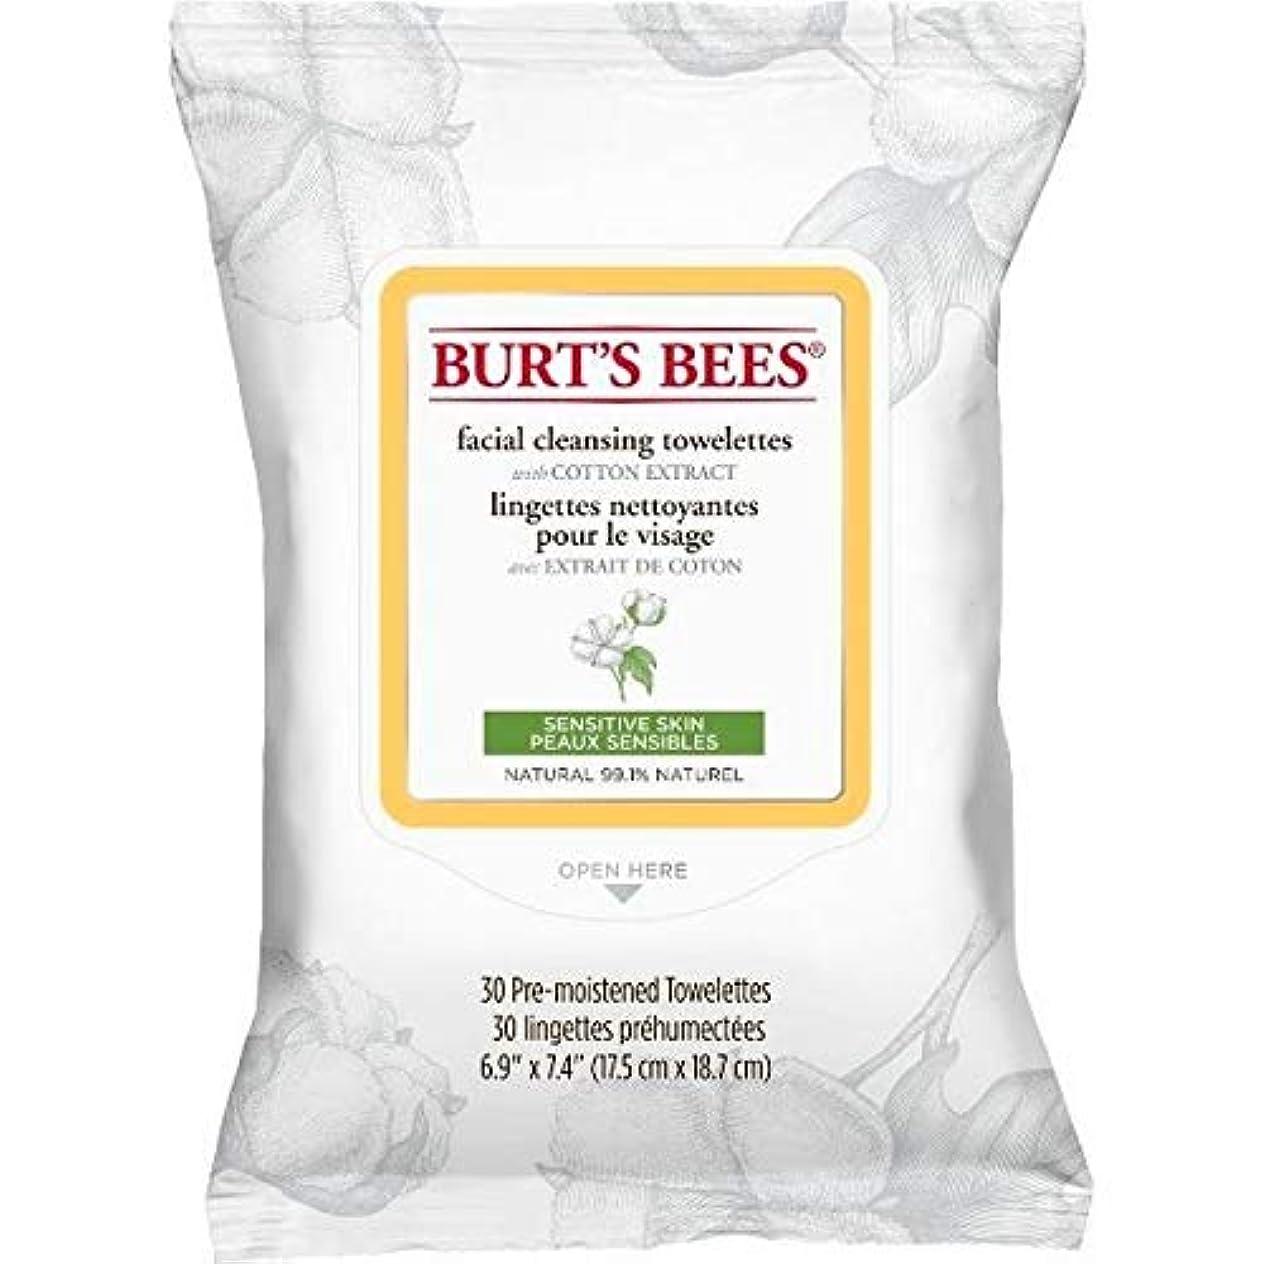 こっそり年シャー[Burt's Bees ] バーツビー敏感な顔の浄化用ペーパータオルエキスX30 - Burt's Bees Sensitive Facial Cleanse Towelettes Extract x30 [並行輸入品]